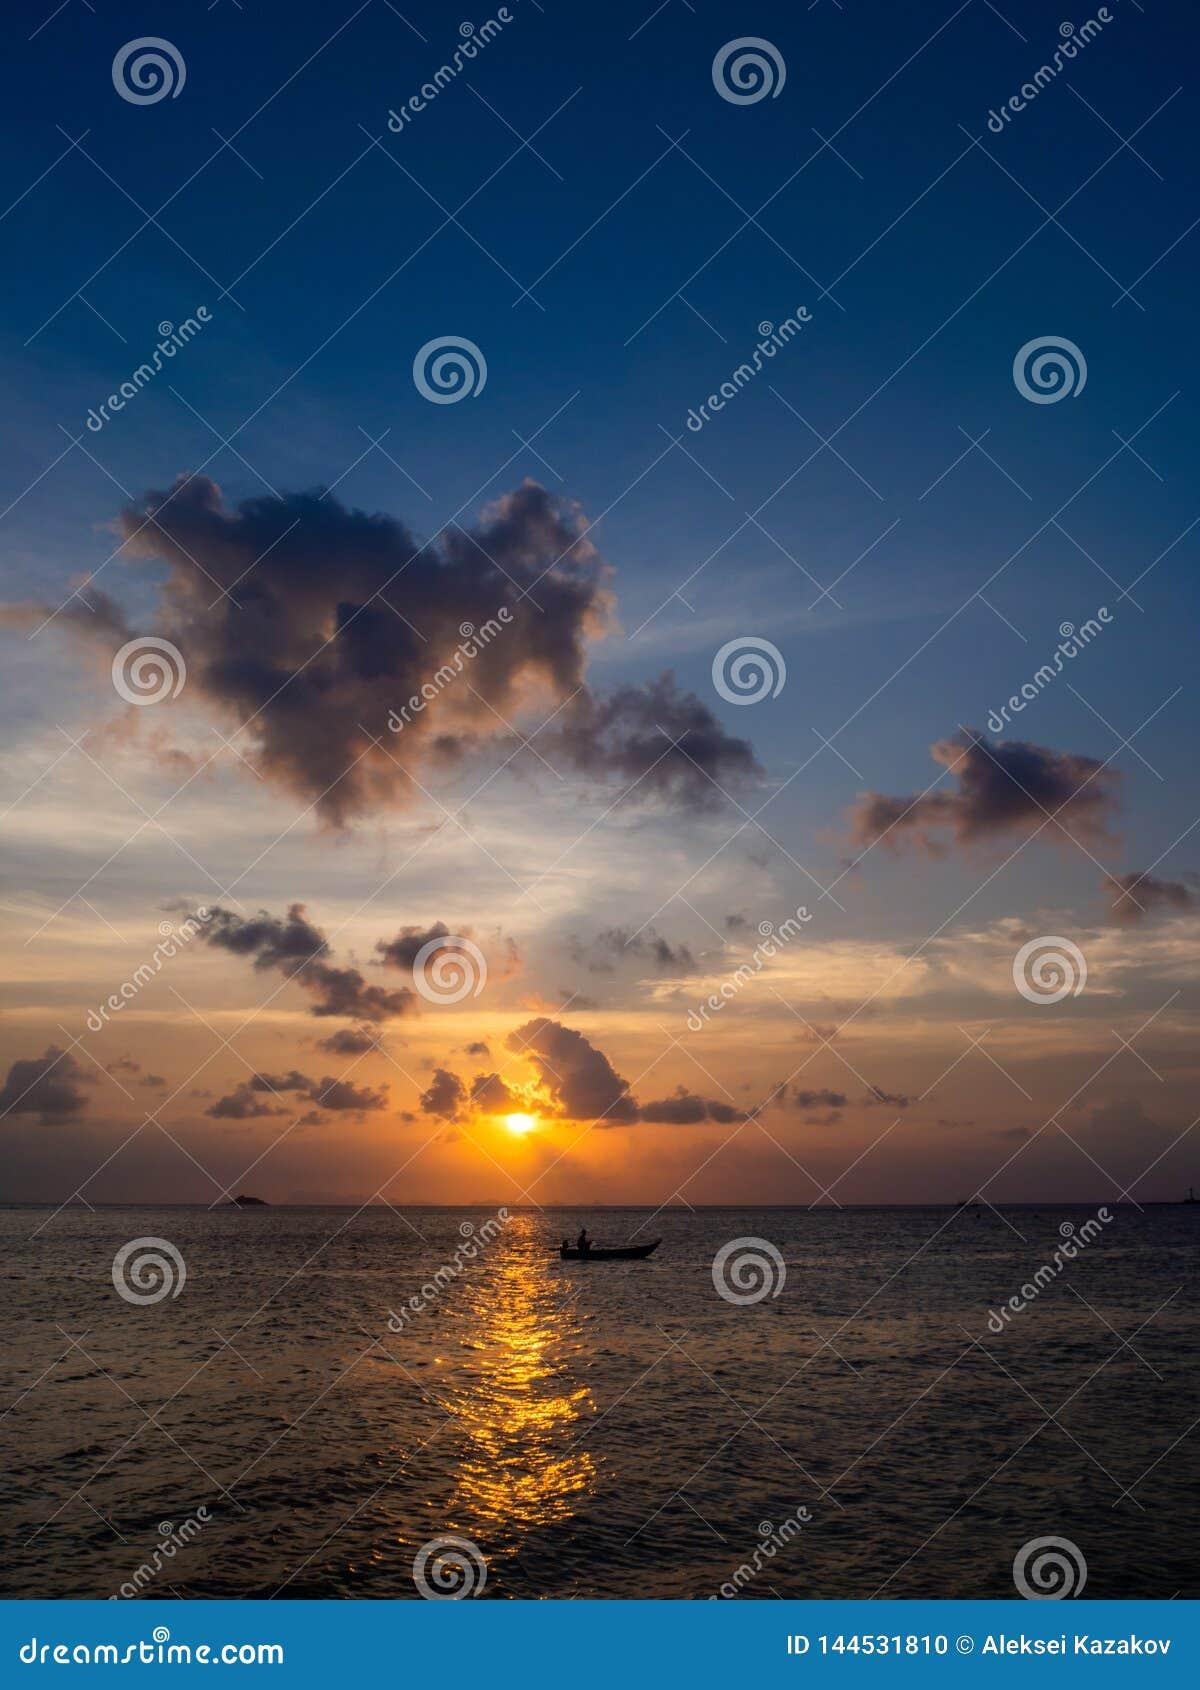 Konturer av folk i en kajak i strålarna av inställningssolen mot bakgrunden av moln